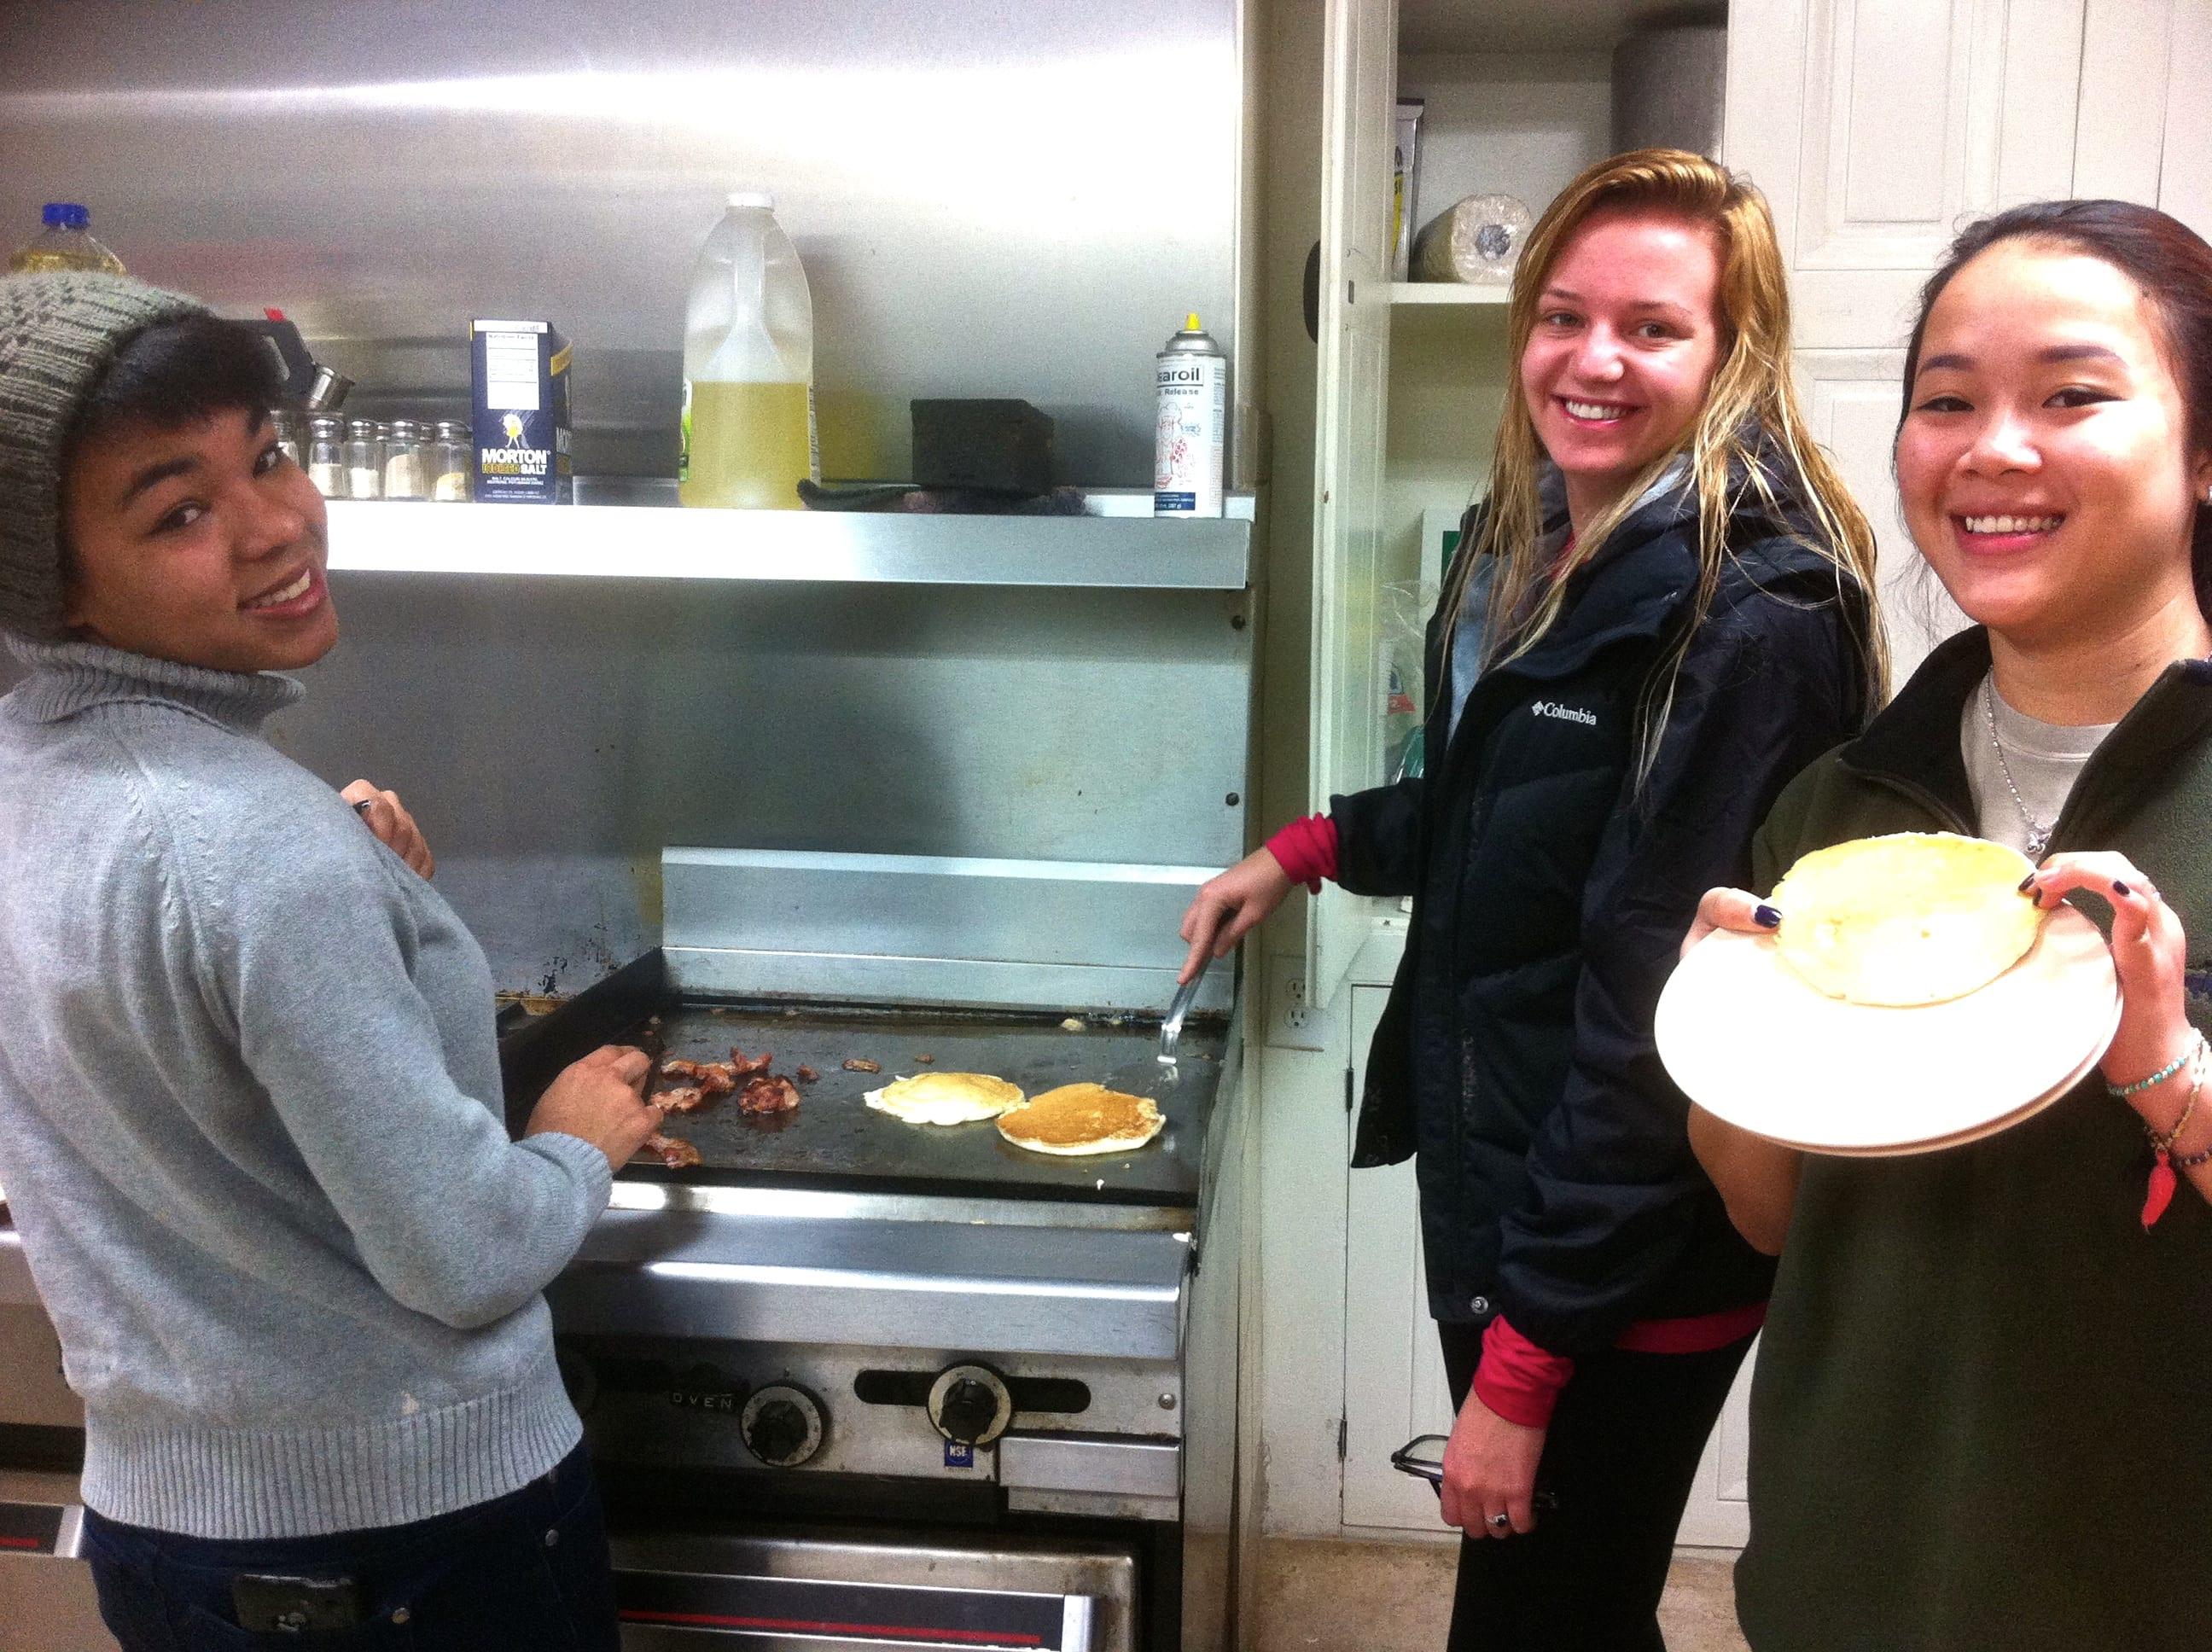 Making banana pancakes and bacon!